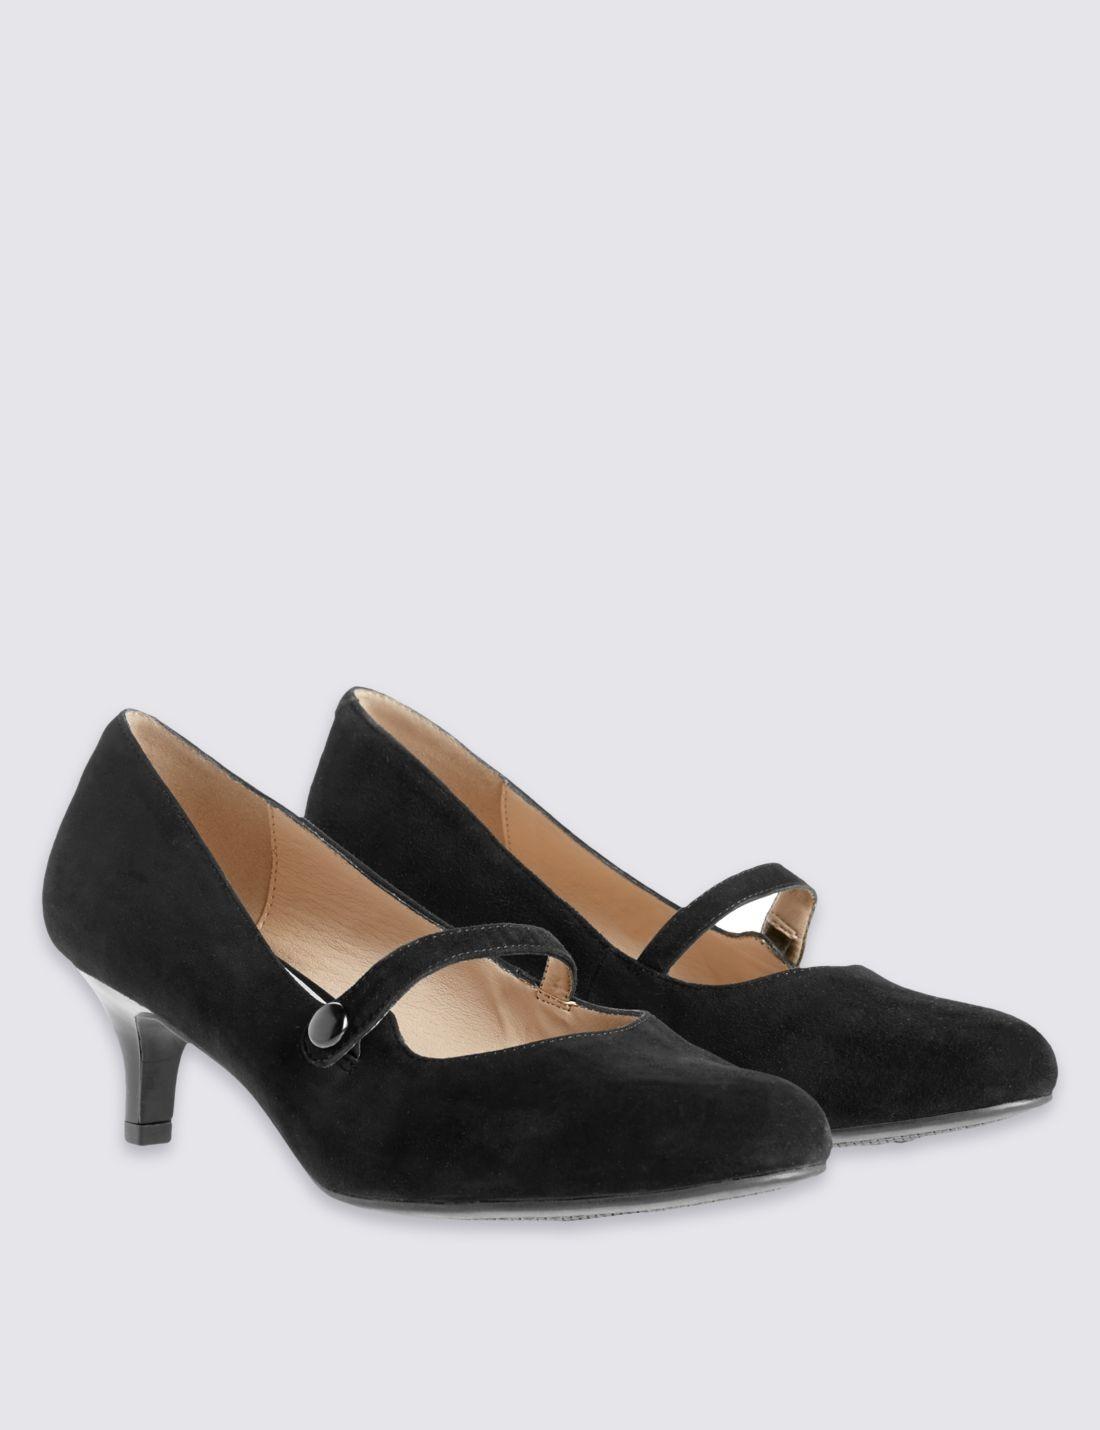 Geniş Kalıplı Topuklu Süet Ayakkabı